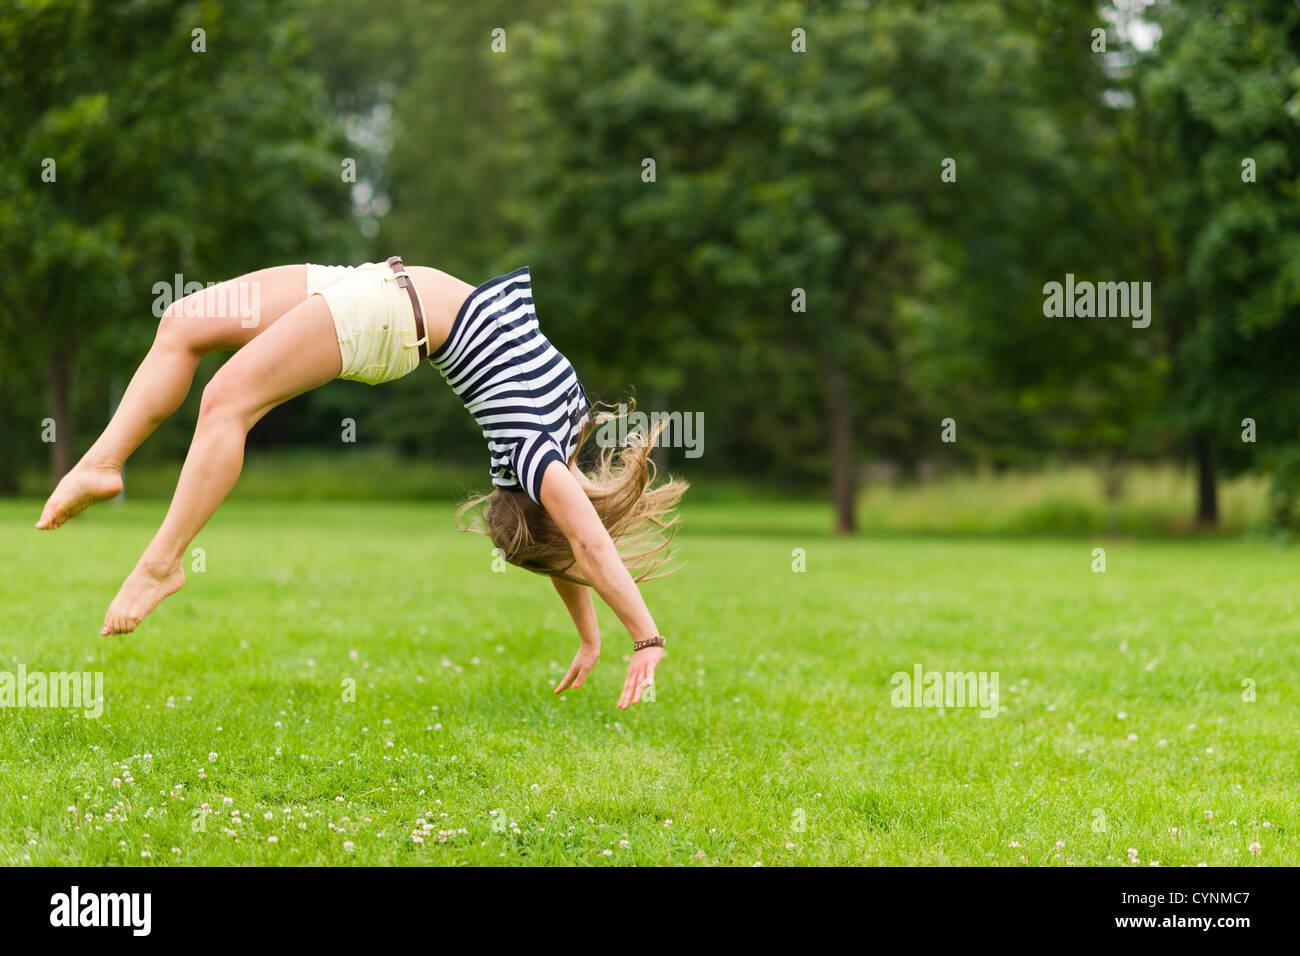 Sportliche Mädchen Sprung nach hinten im Park, Bild mit engen Schärfentiefe Stockfoto